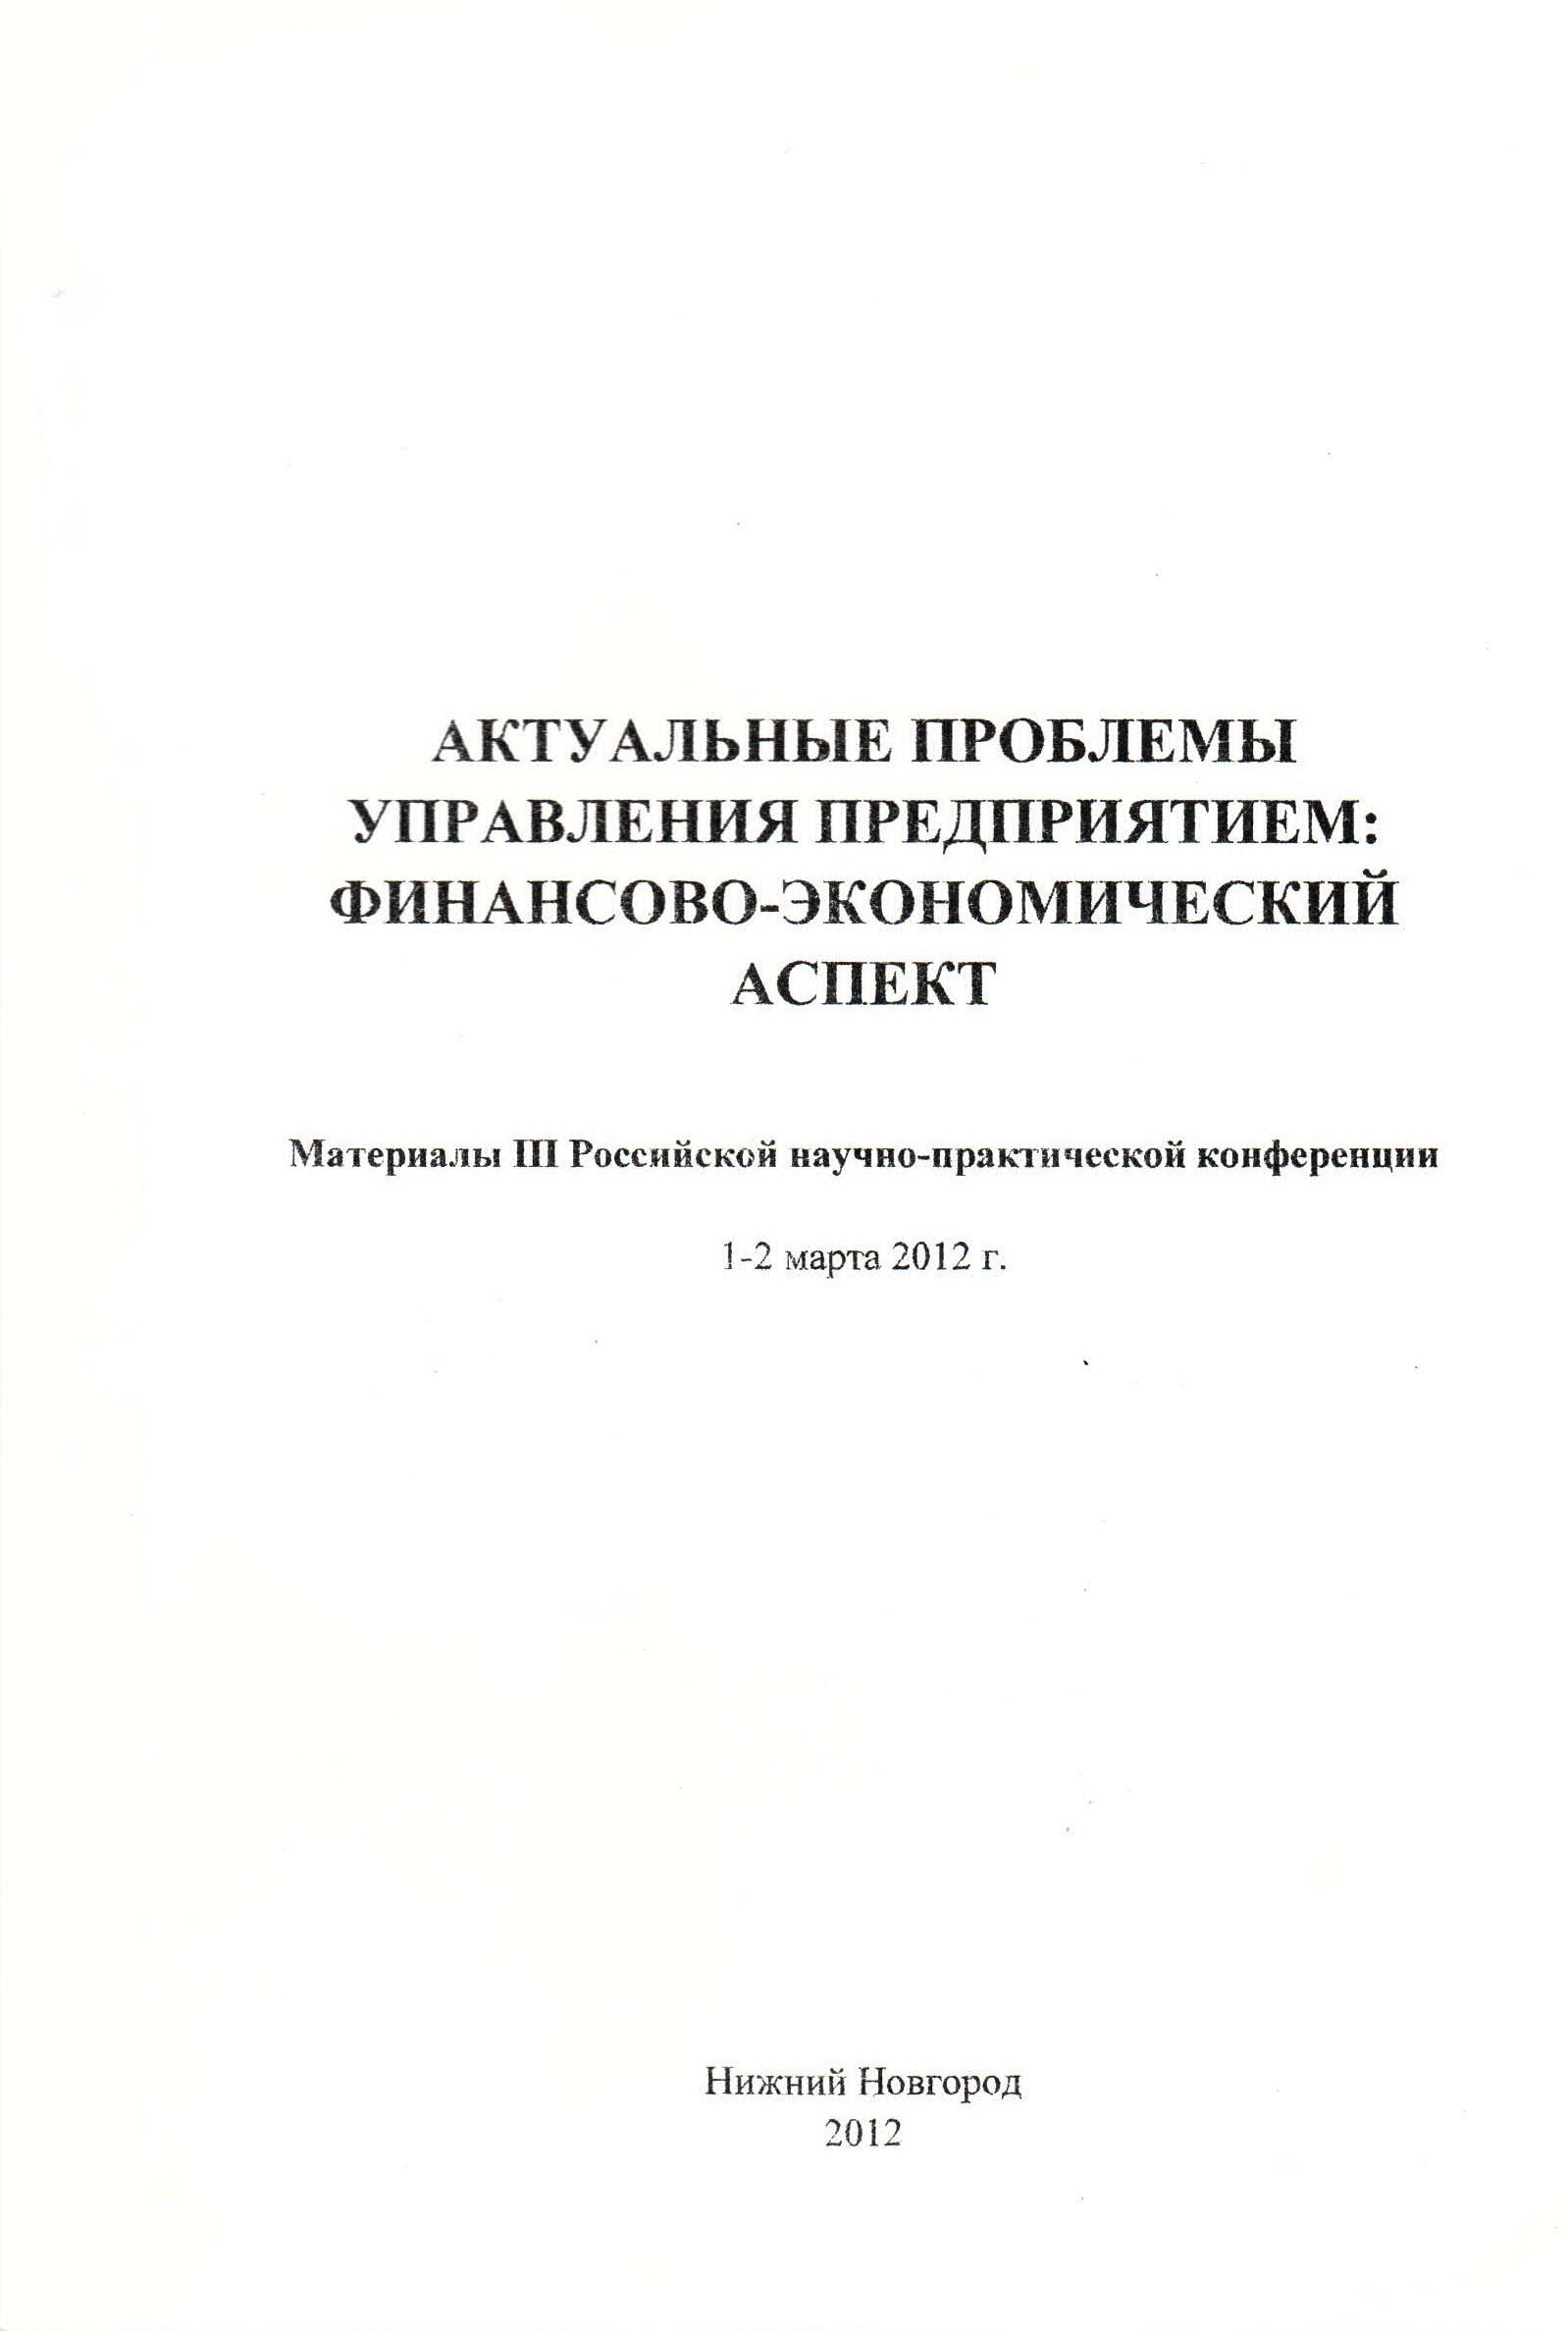 Методика оценки качества торгового обслуживания в торговых предприятиях